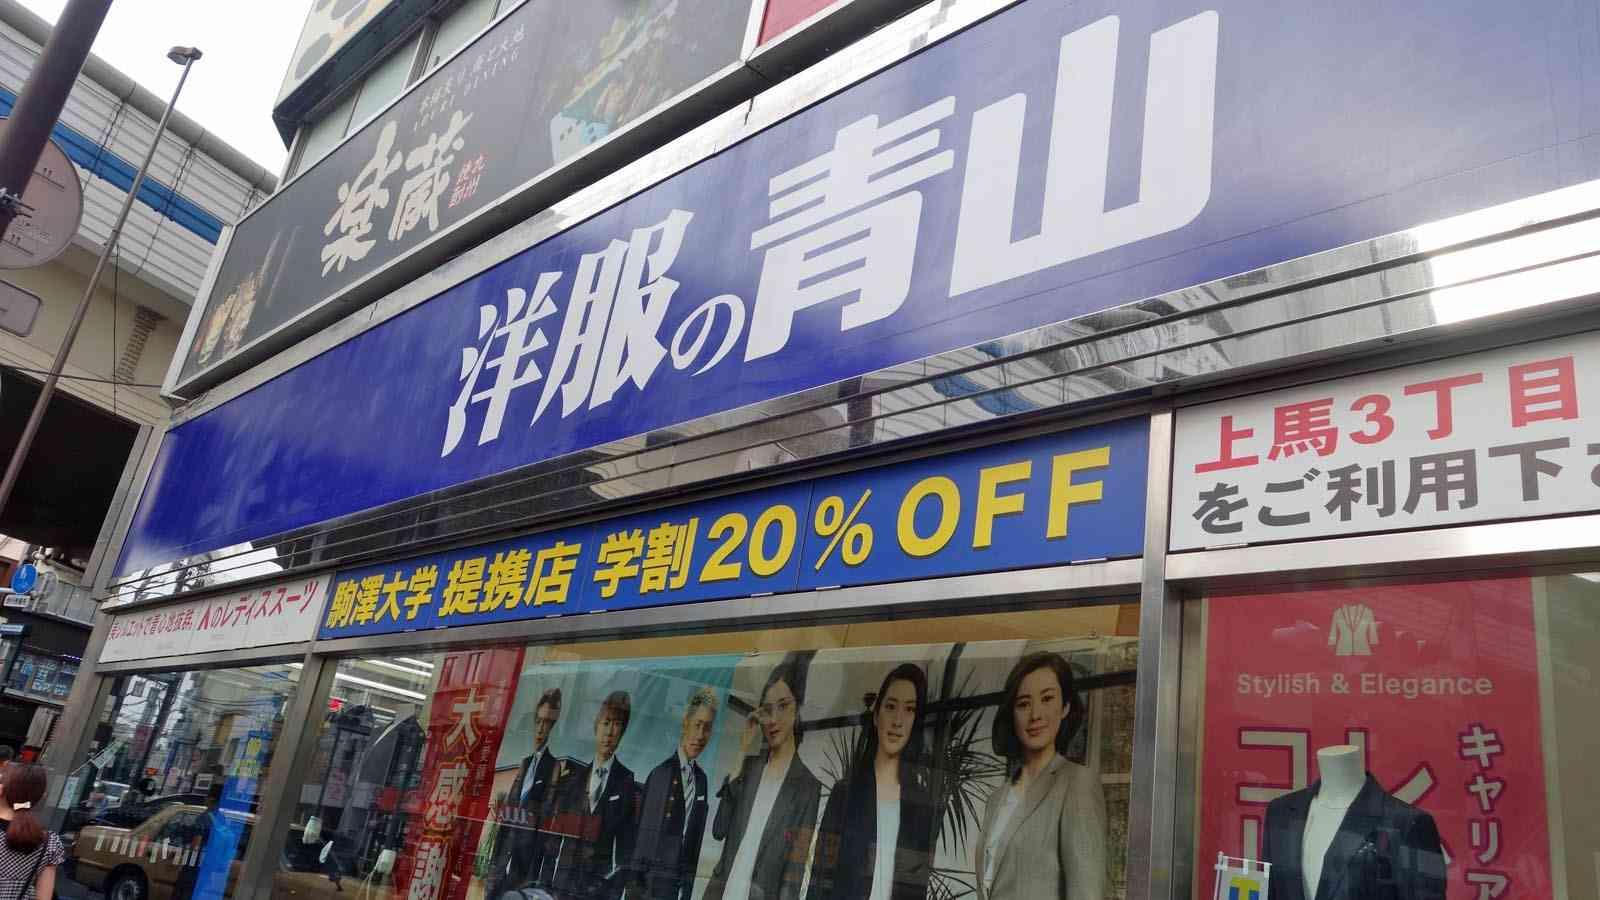 スーツ販売が低迷、紳士服大手が抱える苦悩 | 専門店・ブランド・消費財 | 東洋経済オンライン | 経済ニュースの新基準